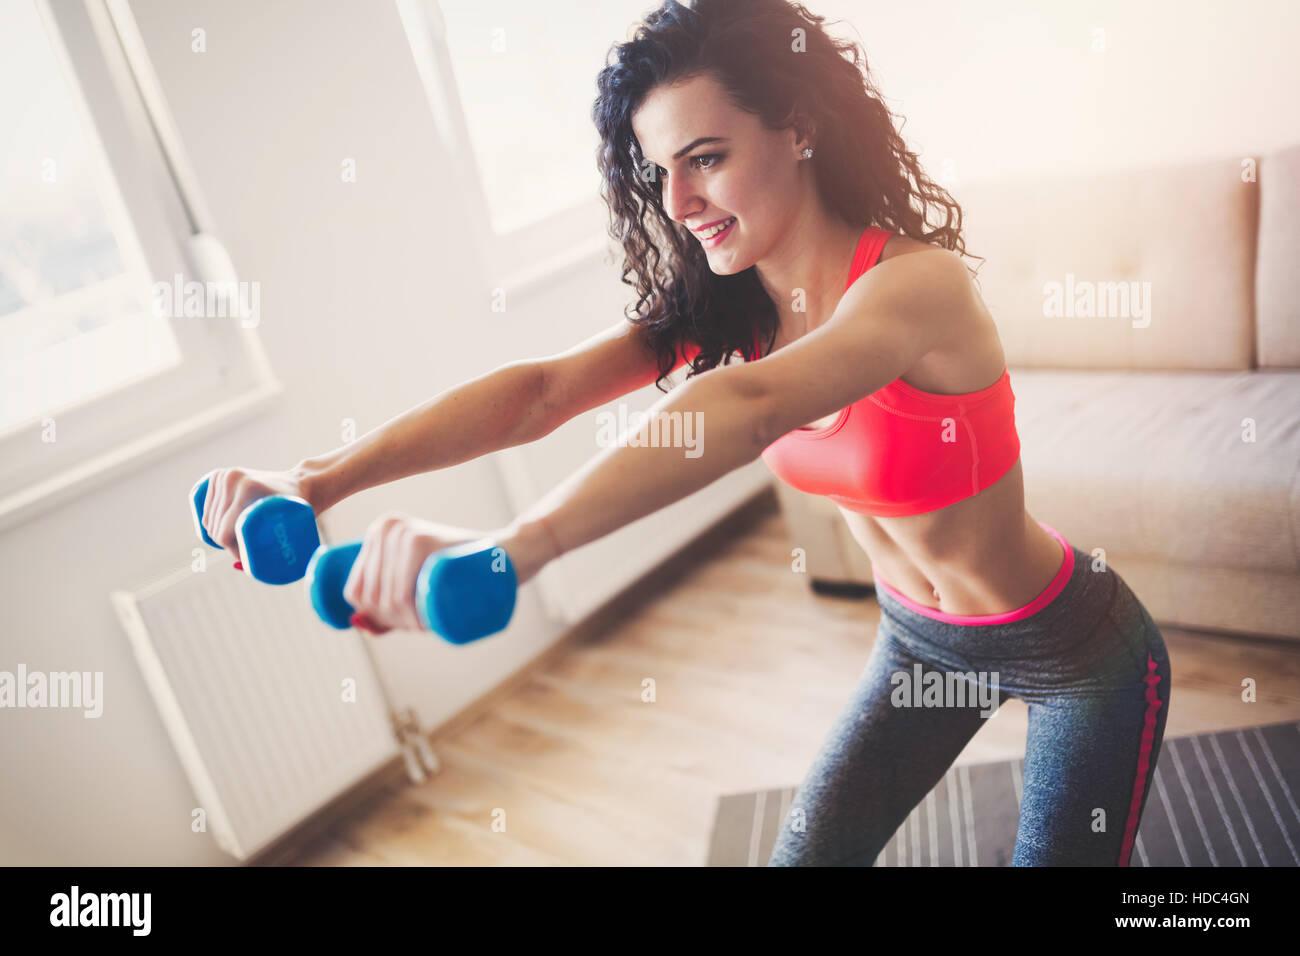 Mettre en place de la sportive de l'exercice et l'entraînement à la maison Photo Stock